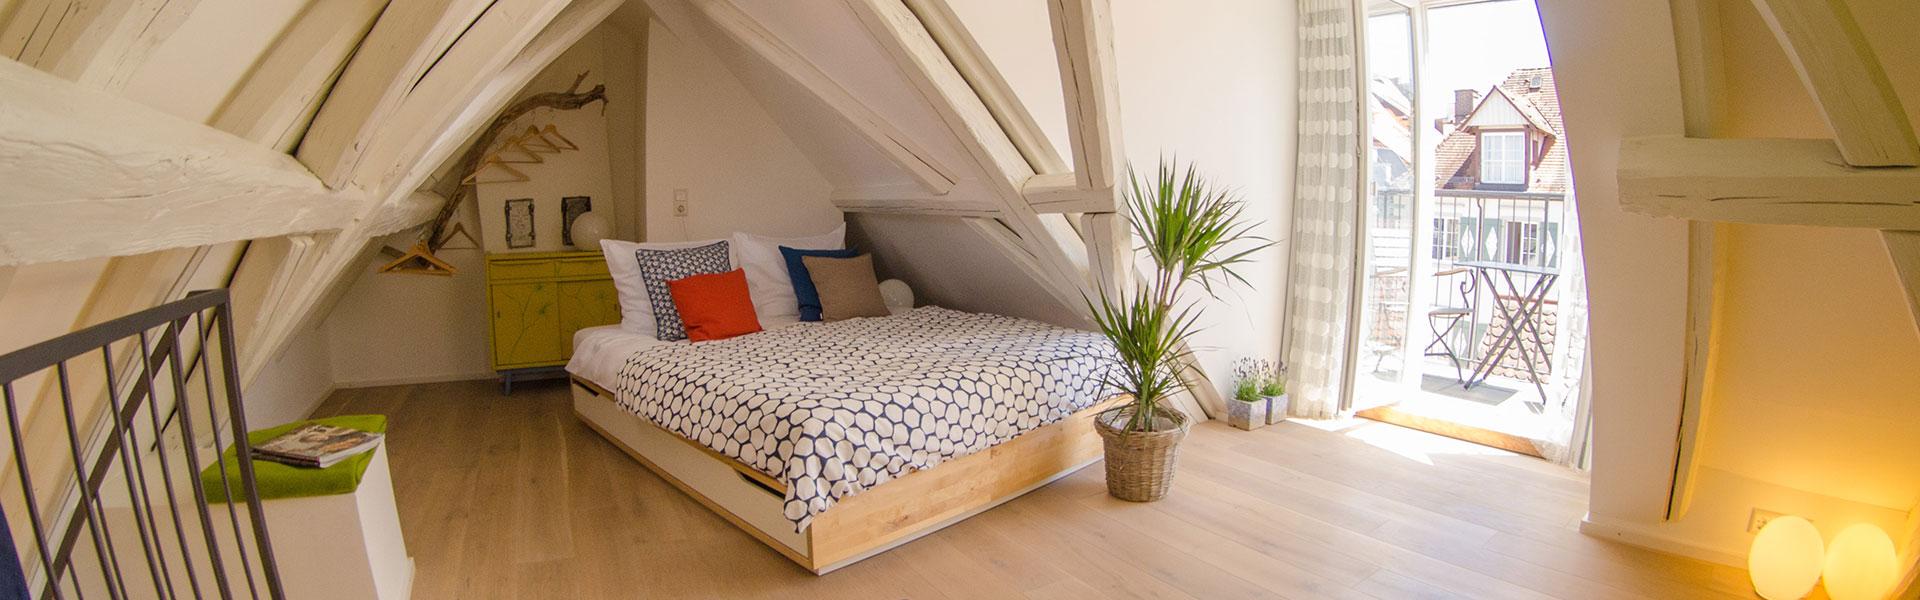 Zum-Grauen-Wolf-In-der-Grub-19-Ferienwohnung-Etage3-2Zimmer-Gerberschanze-Schlafzimmer3-Header